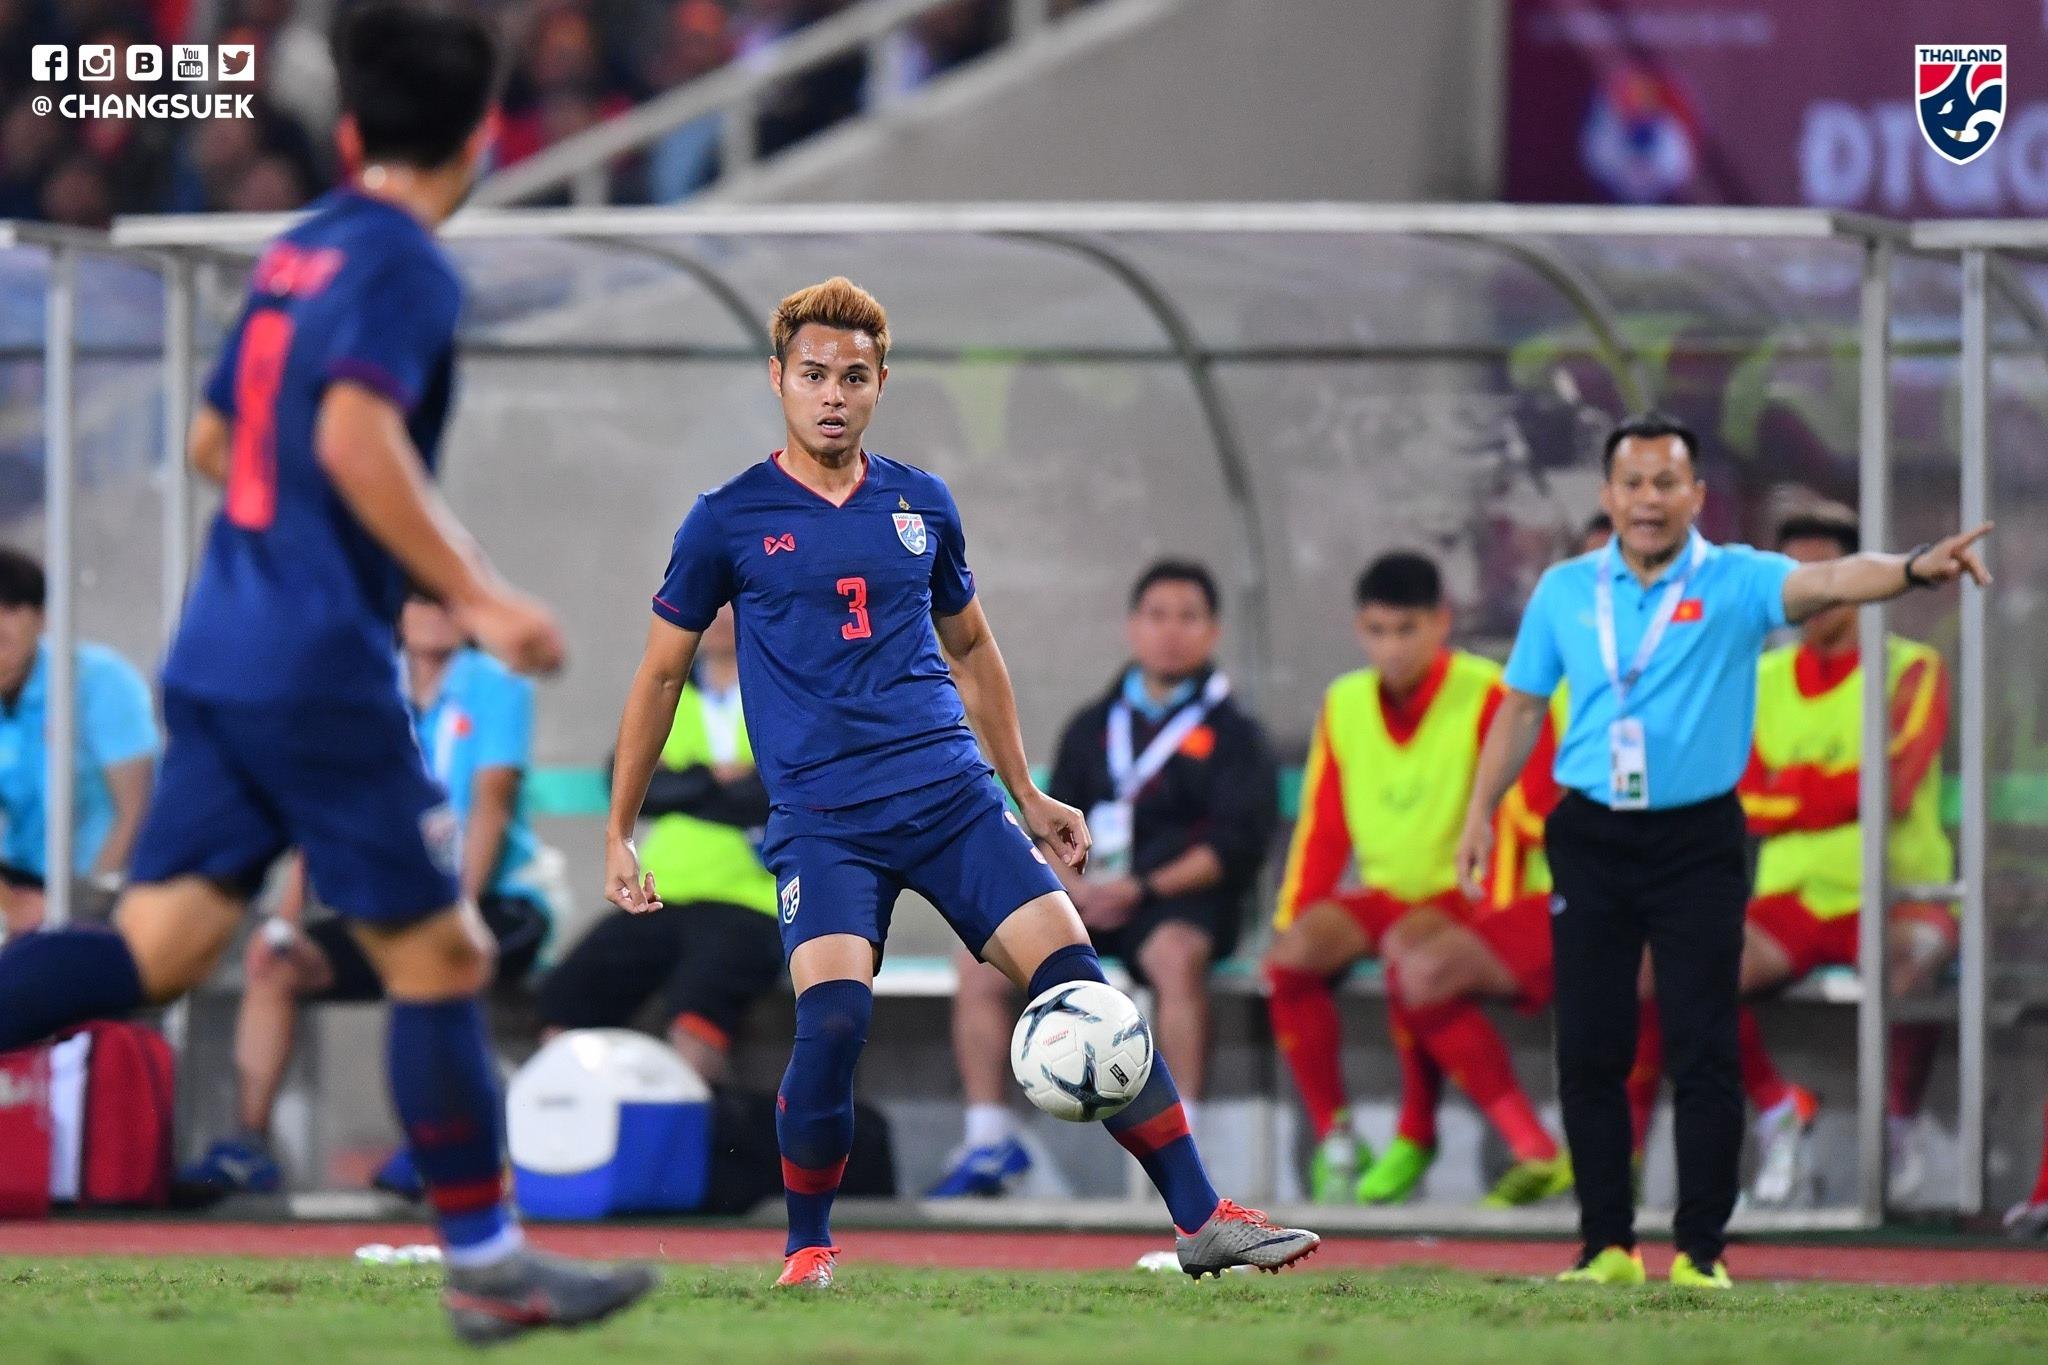 CĐV Thái Lan cảm ơn trọng tài vì đội nhà thoát thua trước Việt Nam - Bóng Đá